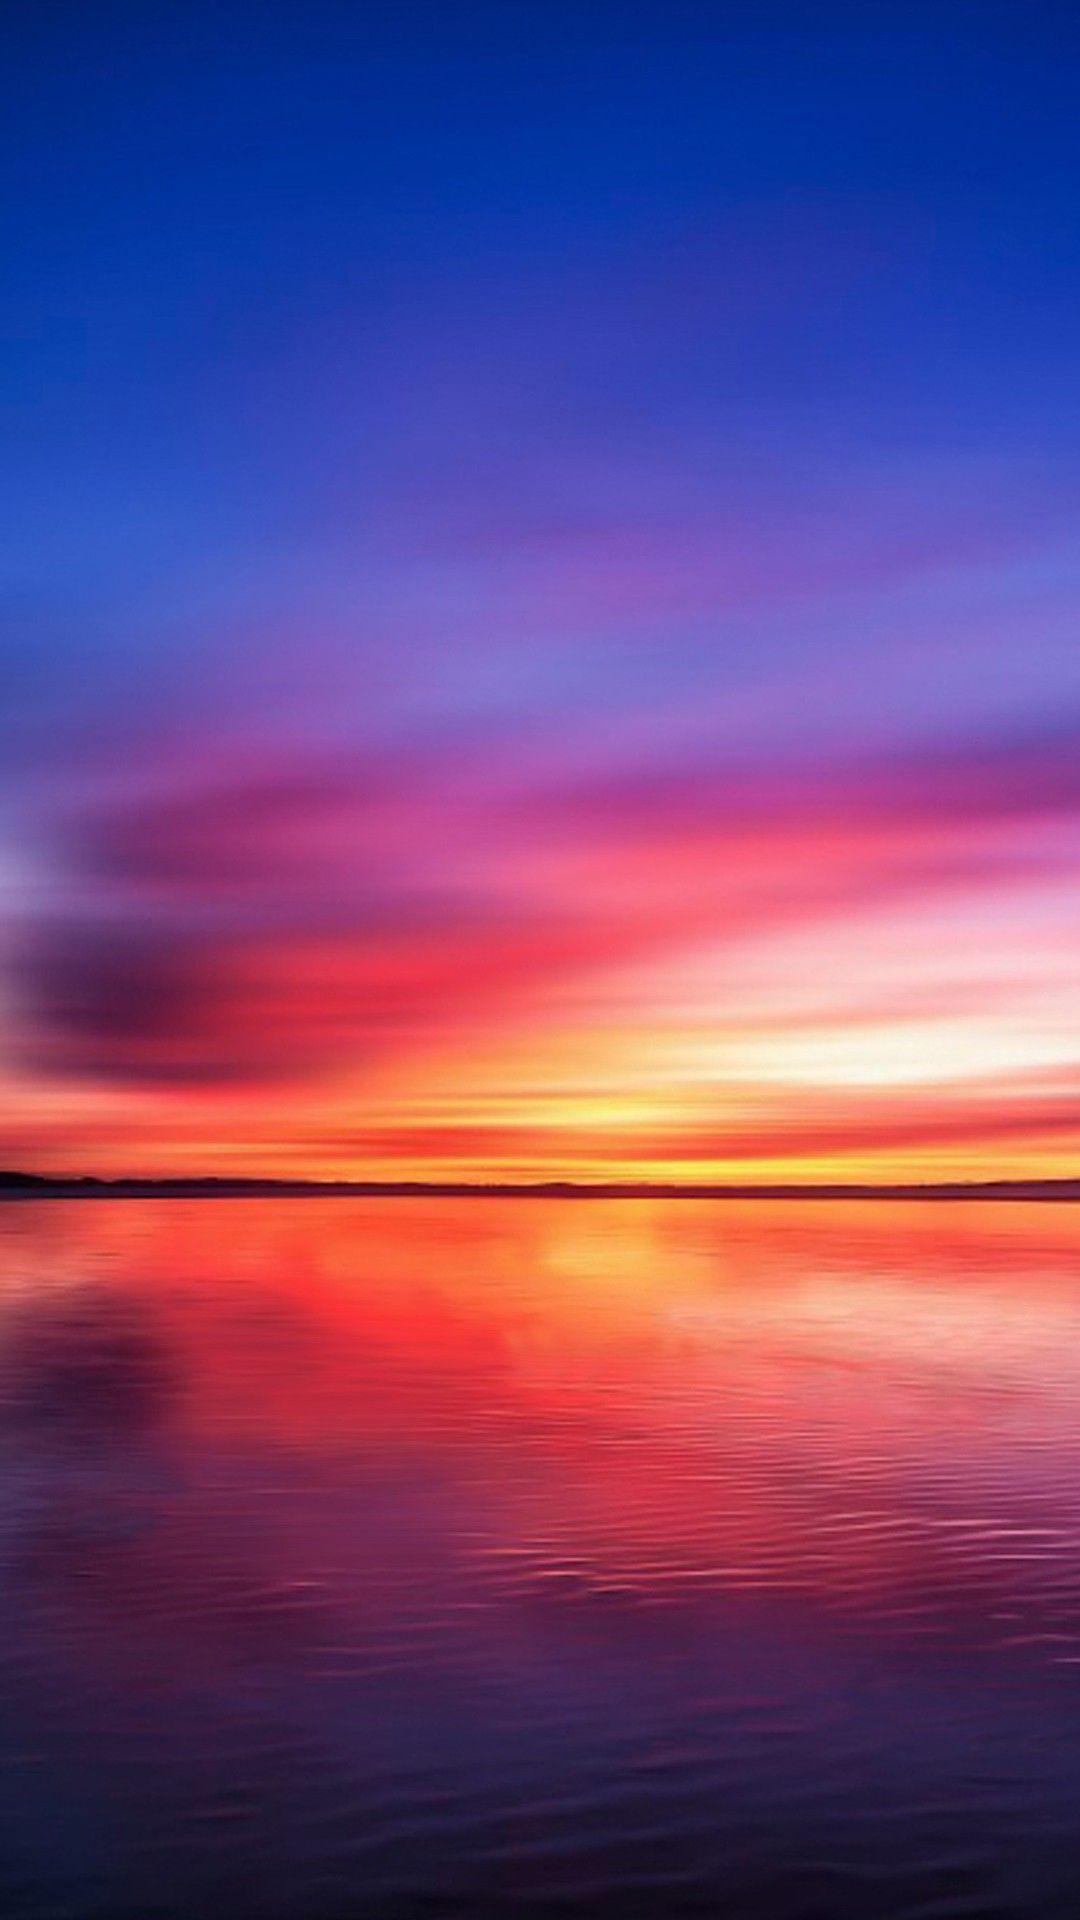 Most Inspiring Wallpaper Home Screen Sunset - 1ee8d07a2073c2140e447d86afe38962  Gallery_228511.jpg